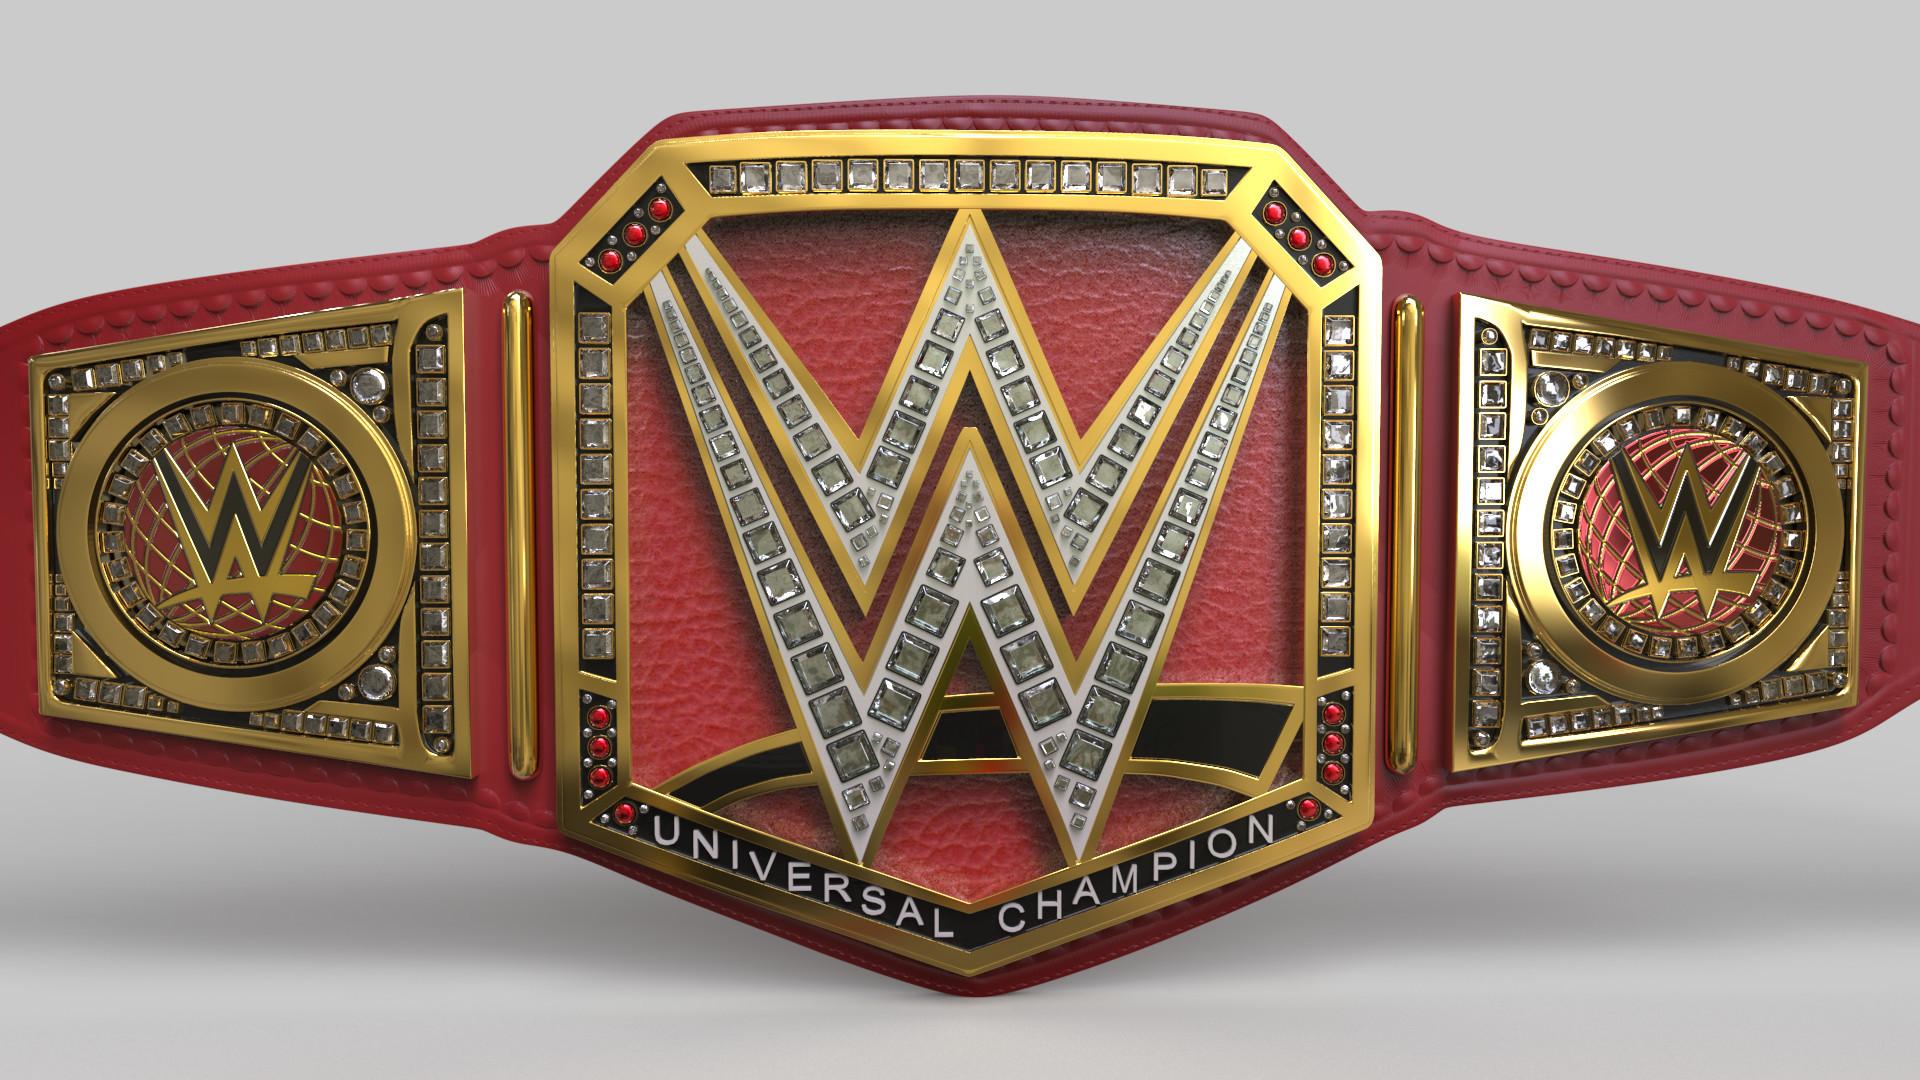 1920x1080 WWE Universal Championship - Front